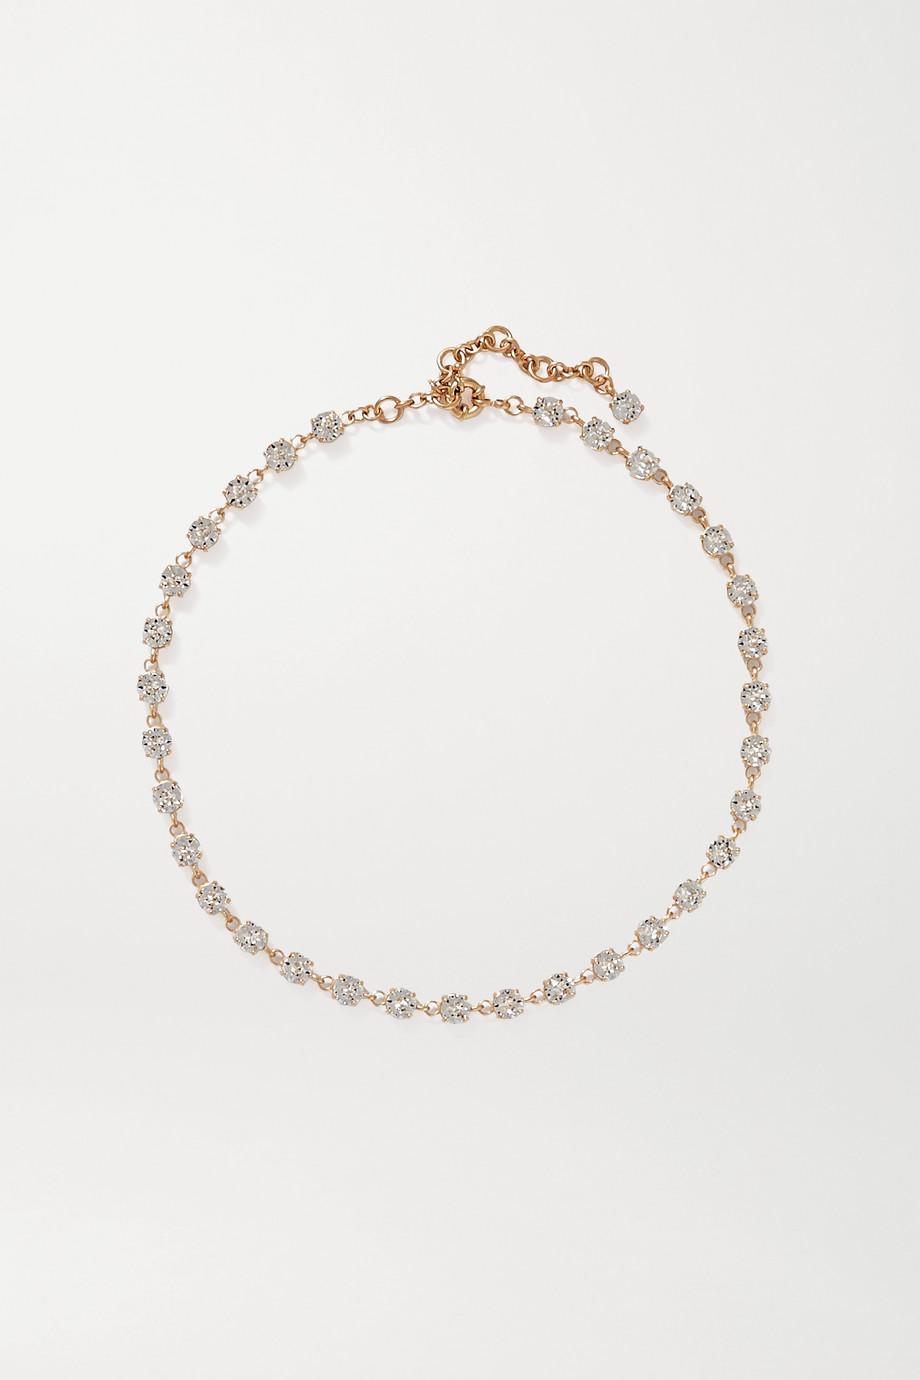 Roxanne Assoulin Goldfarbene Kette mit Swarovski-Kristallen